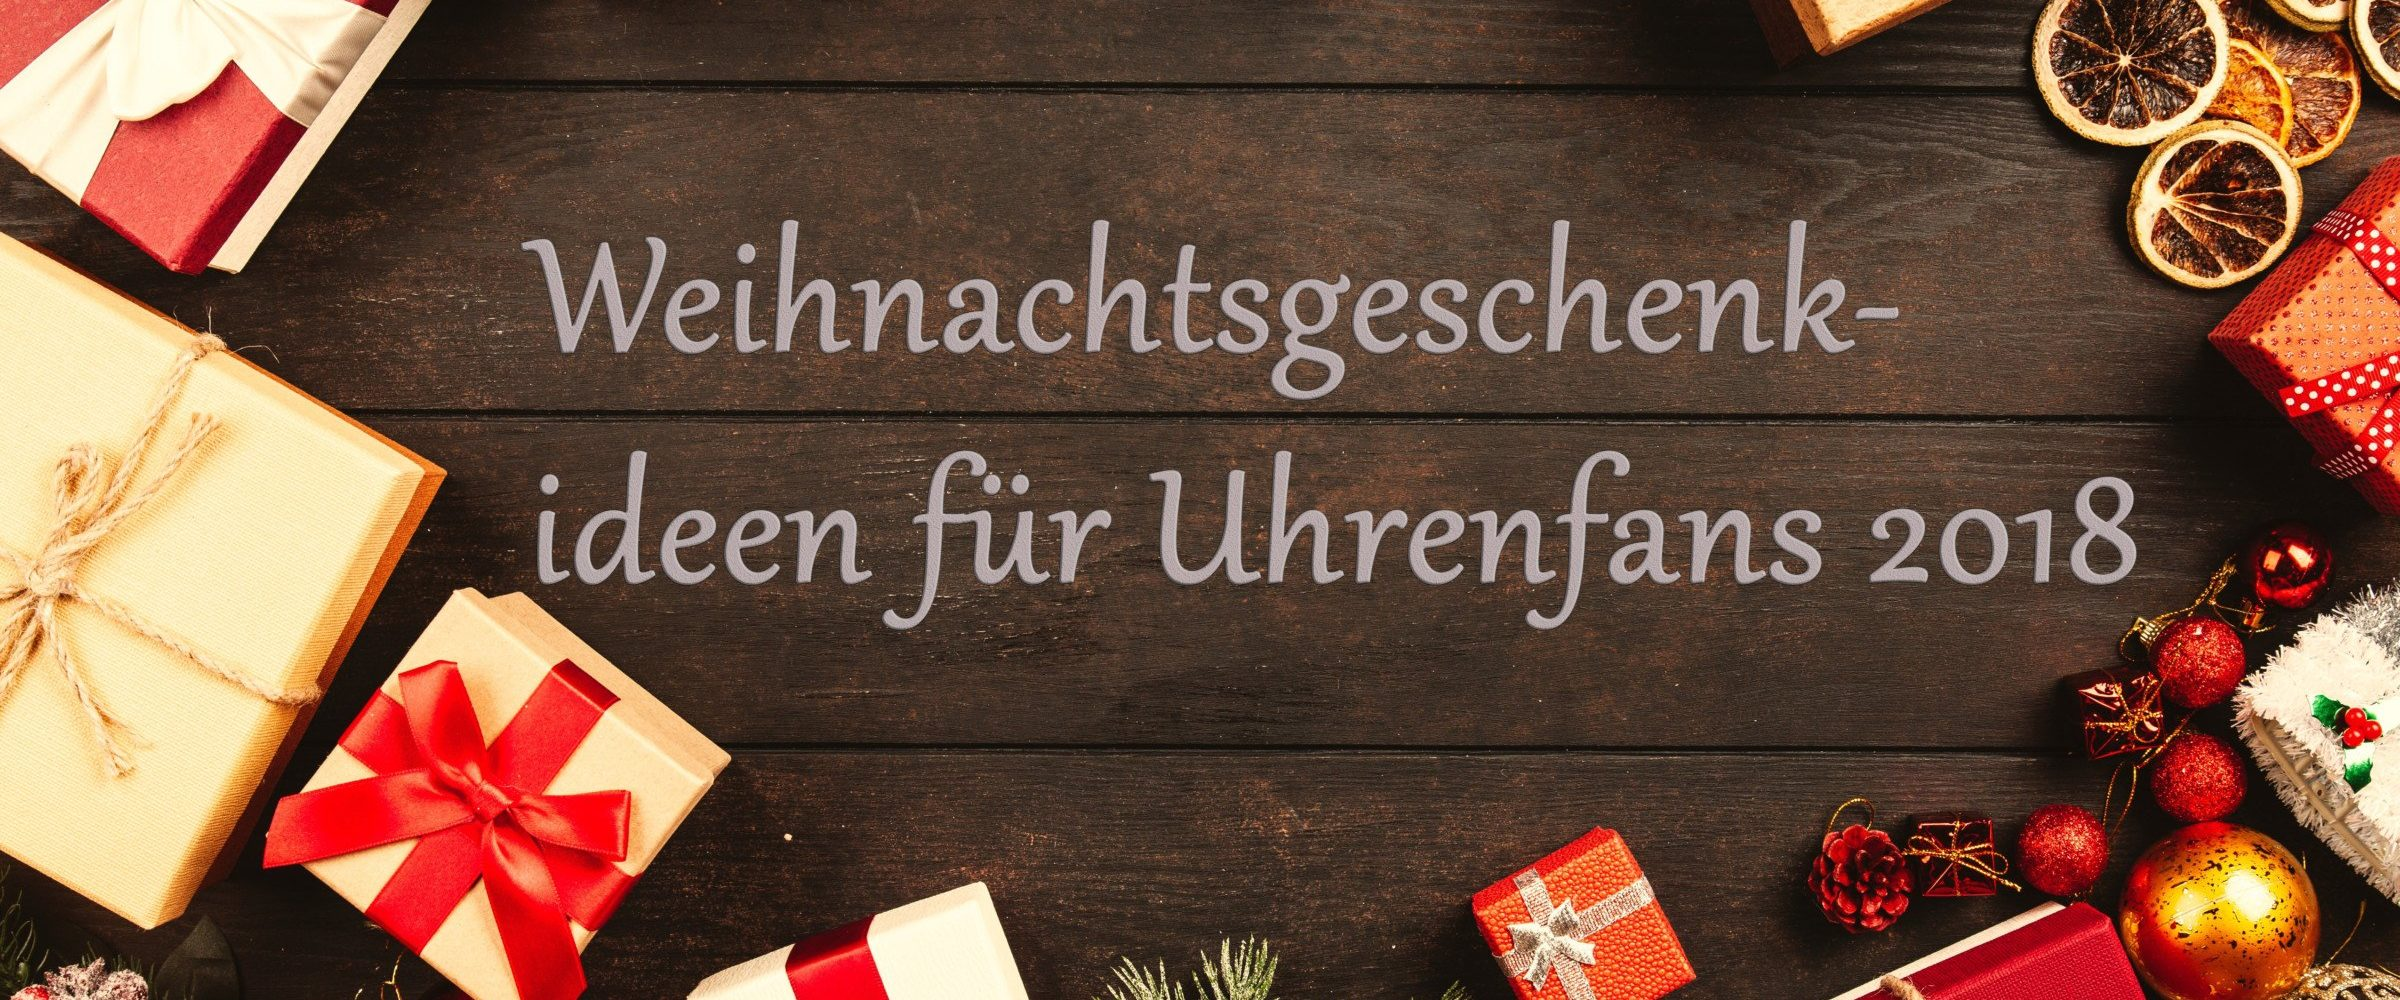 Weihnachtsgeschenke Ideen Günstig.Günstige Weihnachtsgeschenk Ideen Für Uhren Nerds 2018 Chrononautix